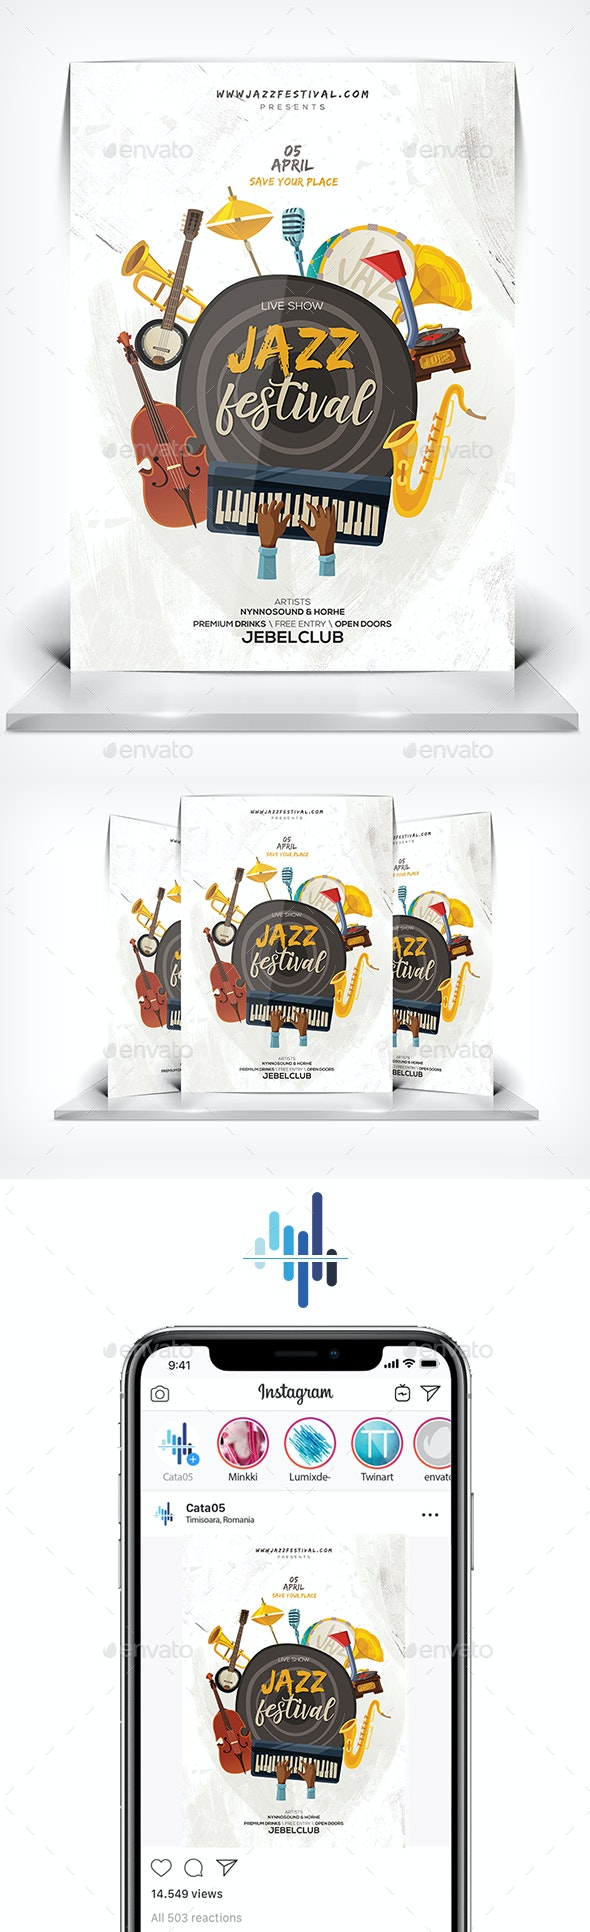 Jazz Festival Flyer - Flyers Print Templates